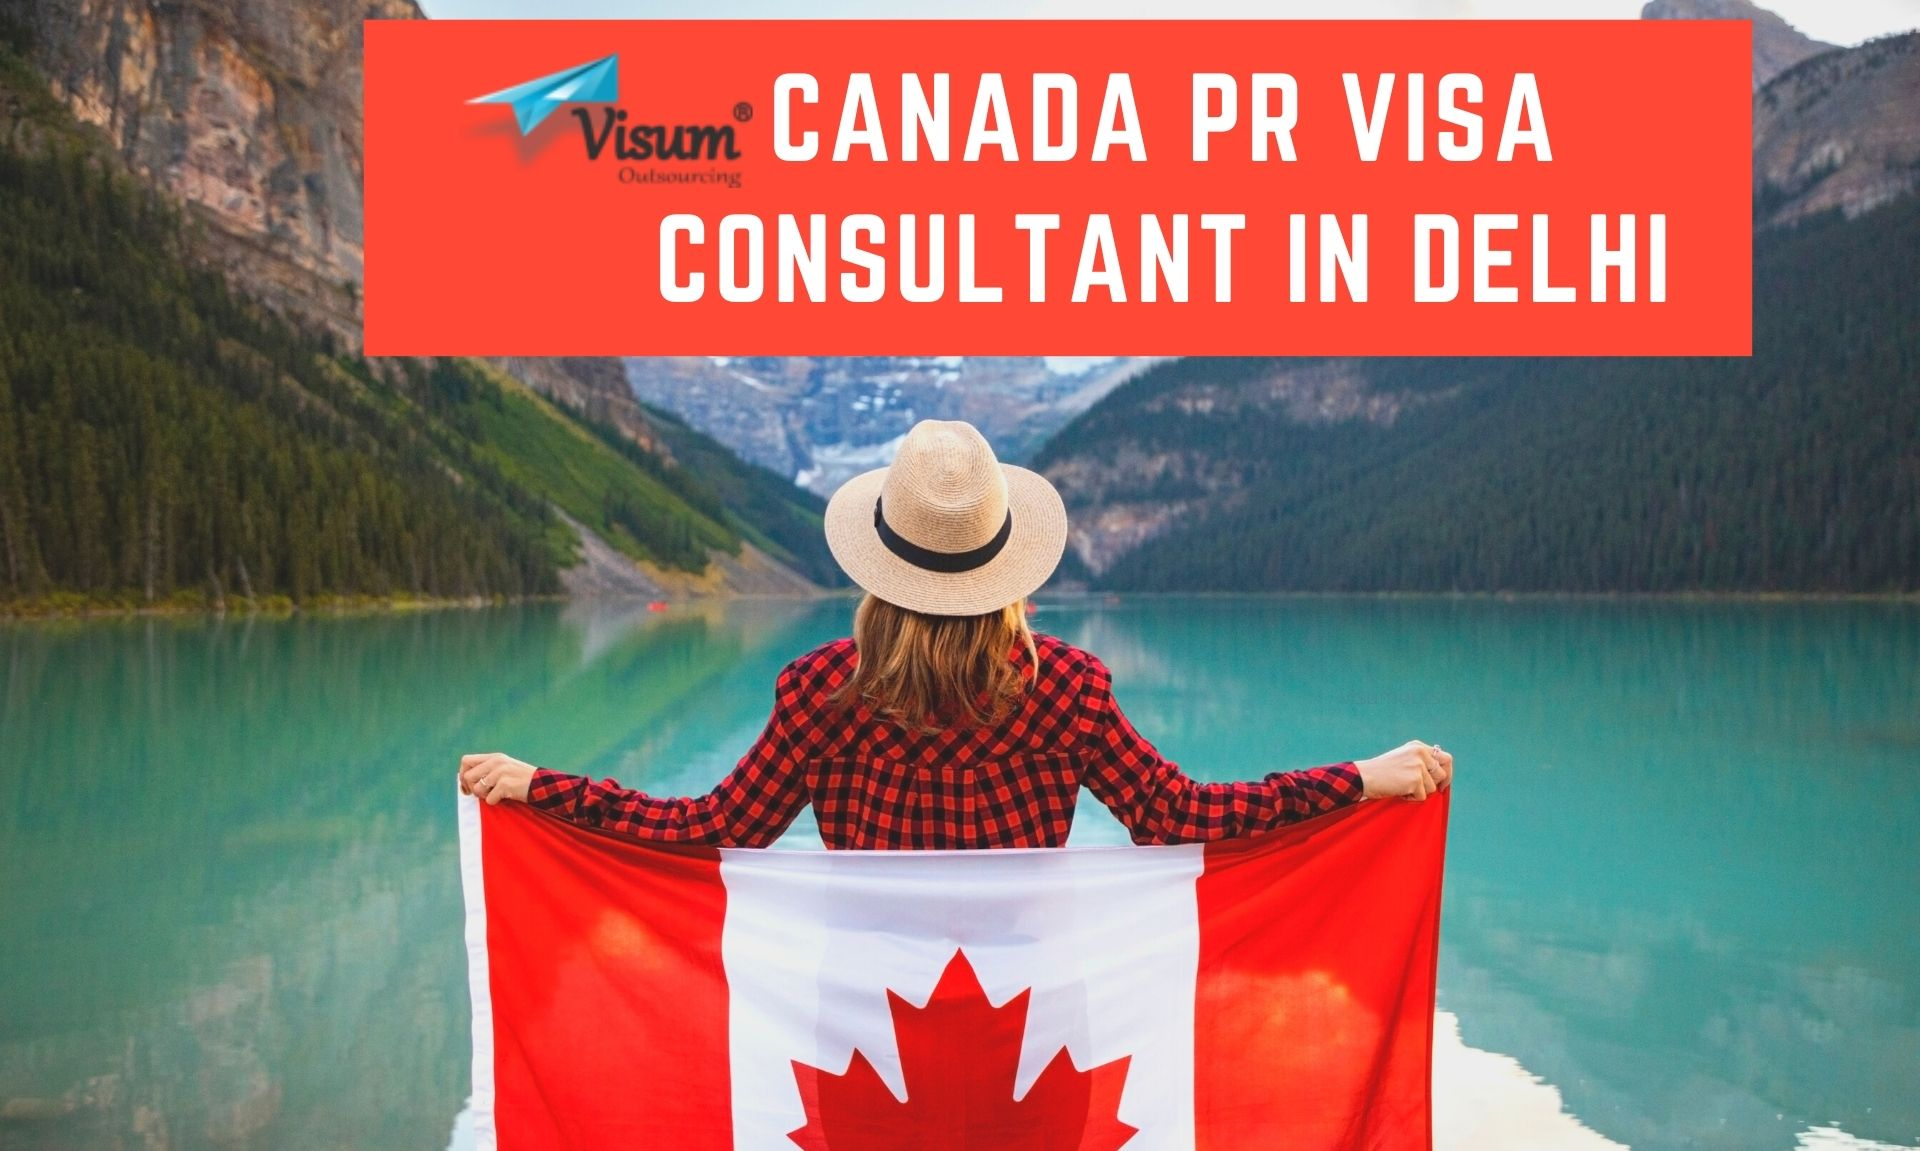 Canada PR visa consultant in delhi